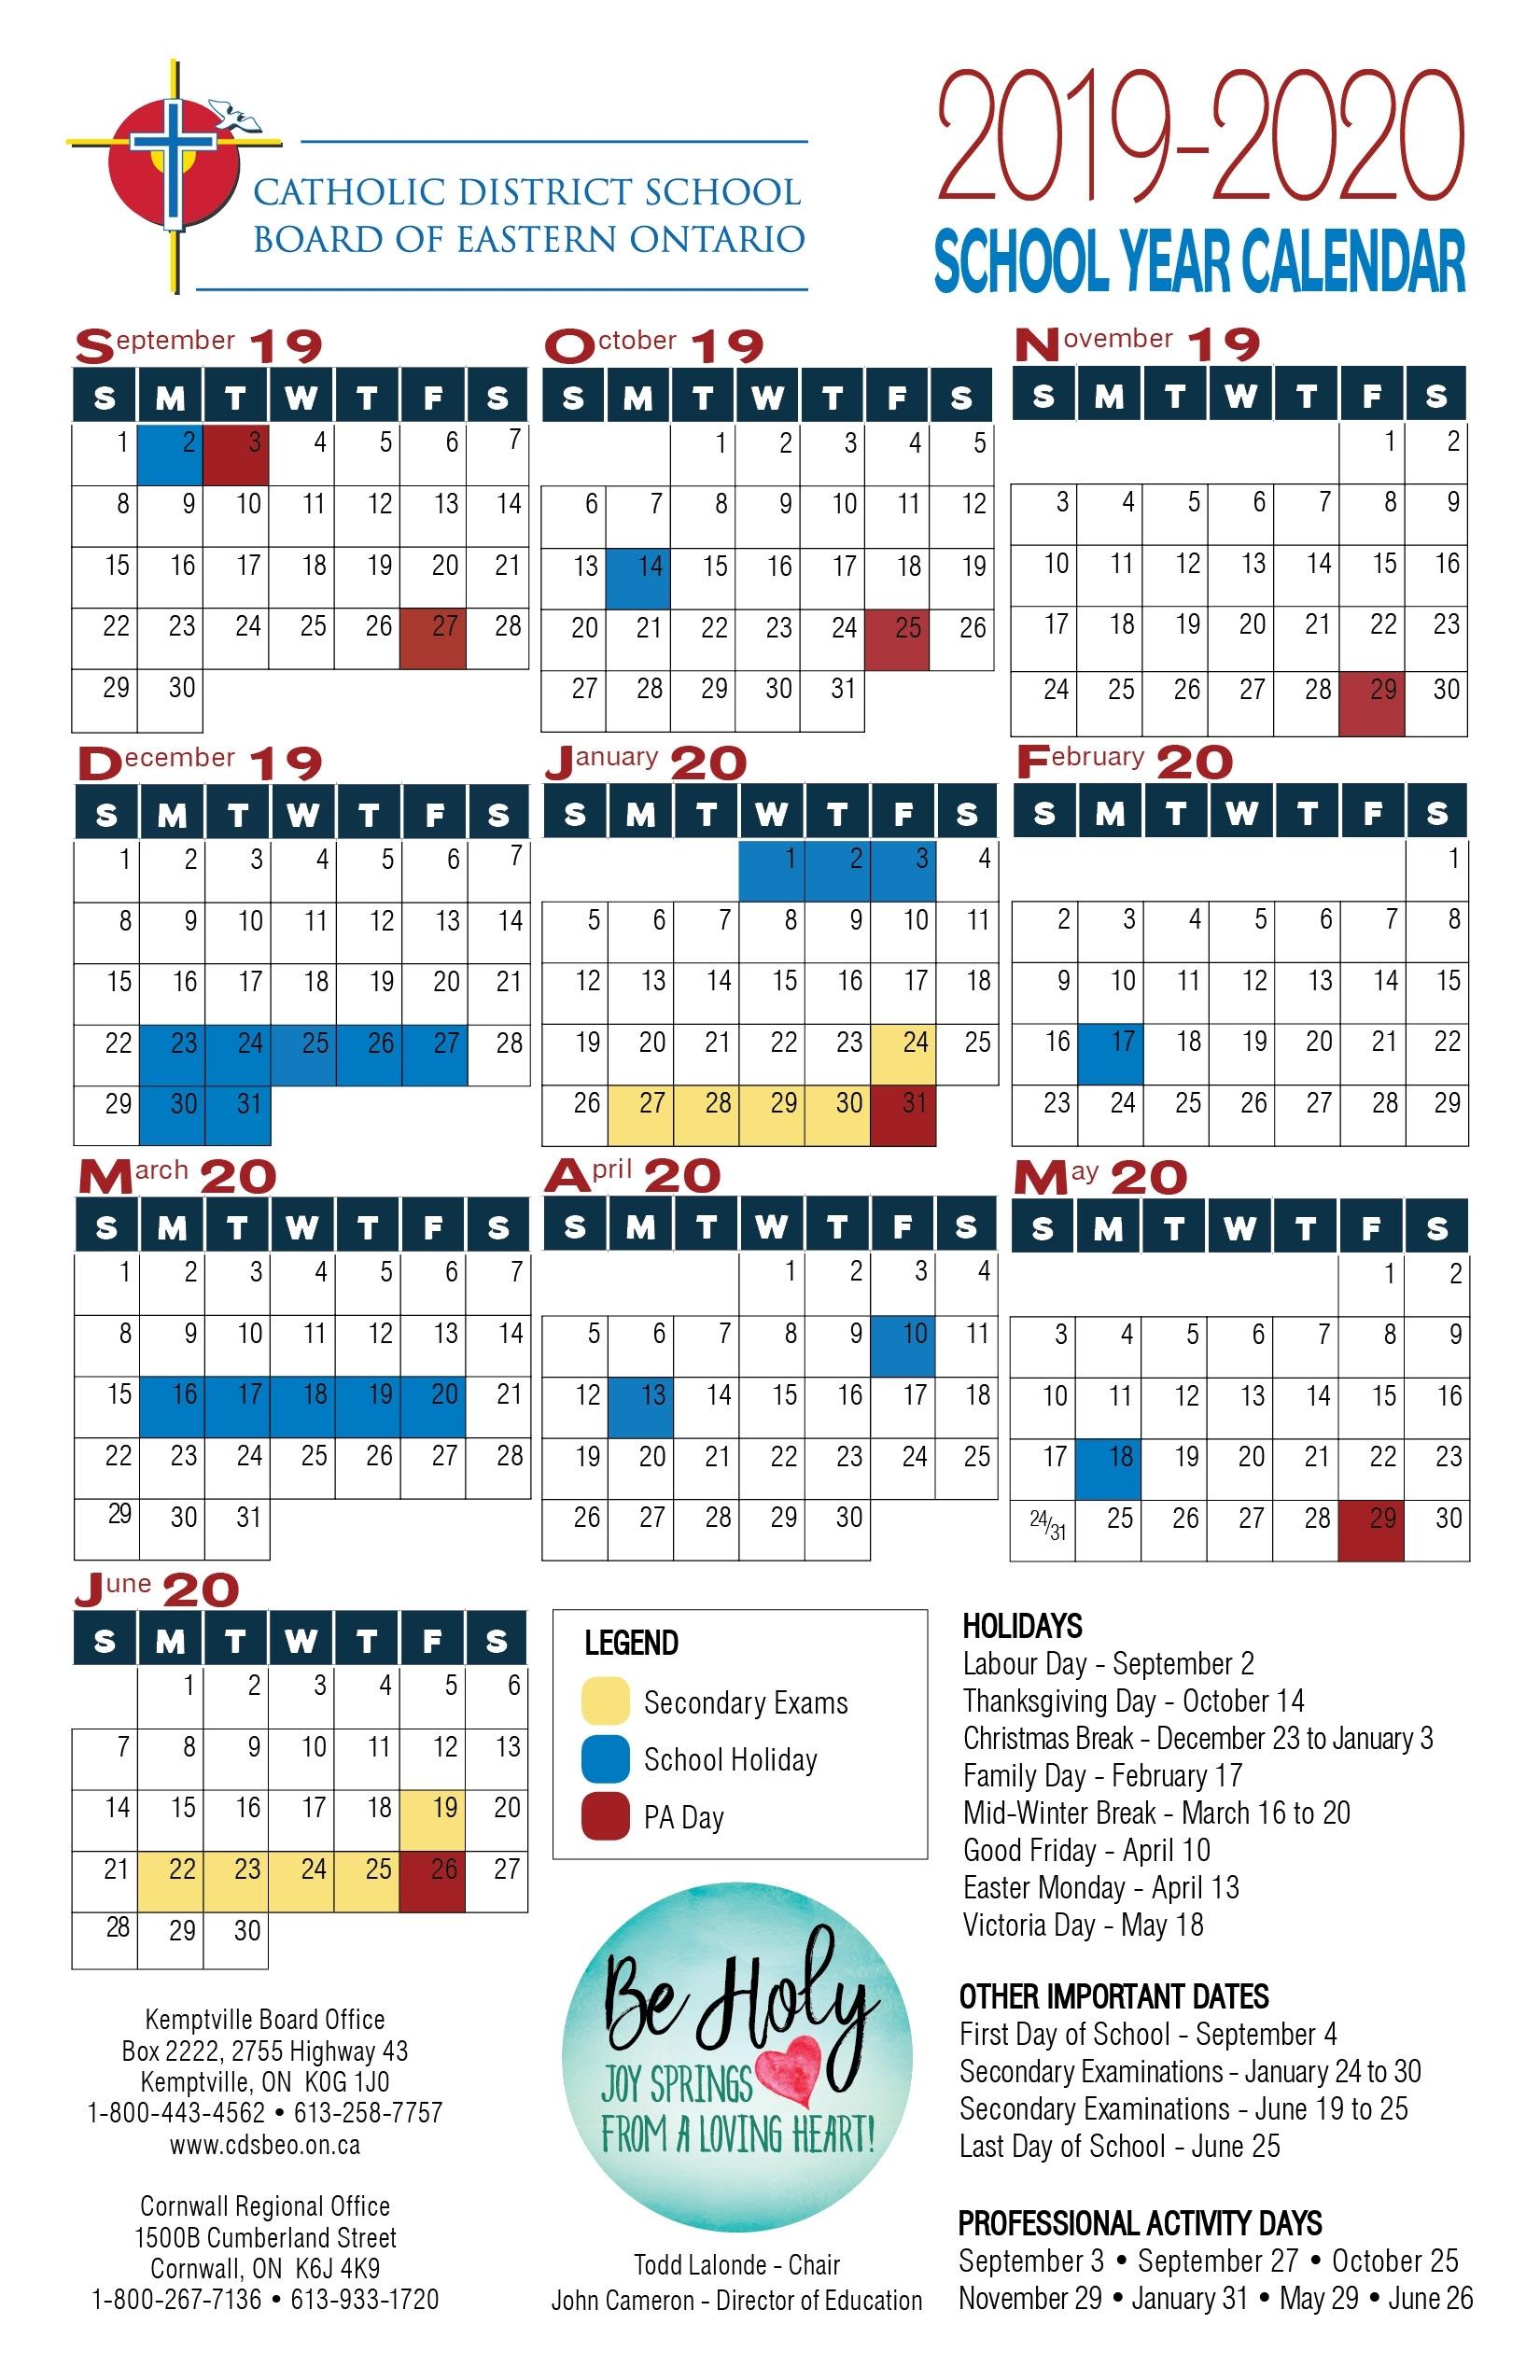 School Year Calendar | Catholic District School Board Of